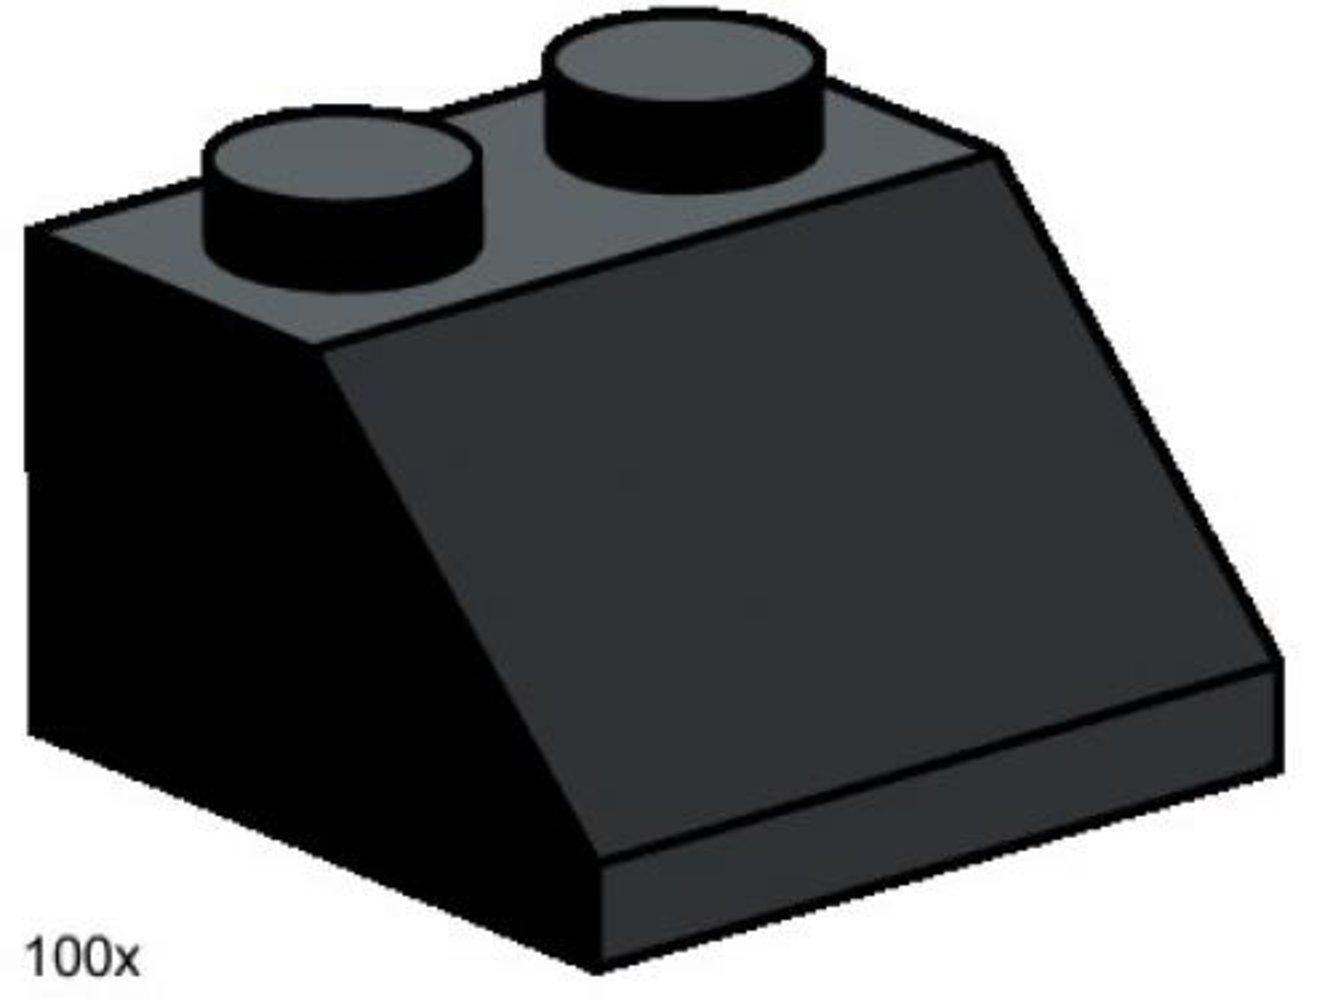 2 x 2 Roof Tiles Steep Sloped Black